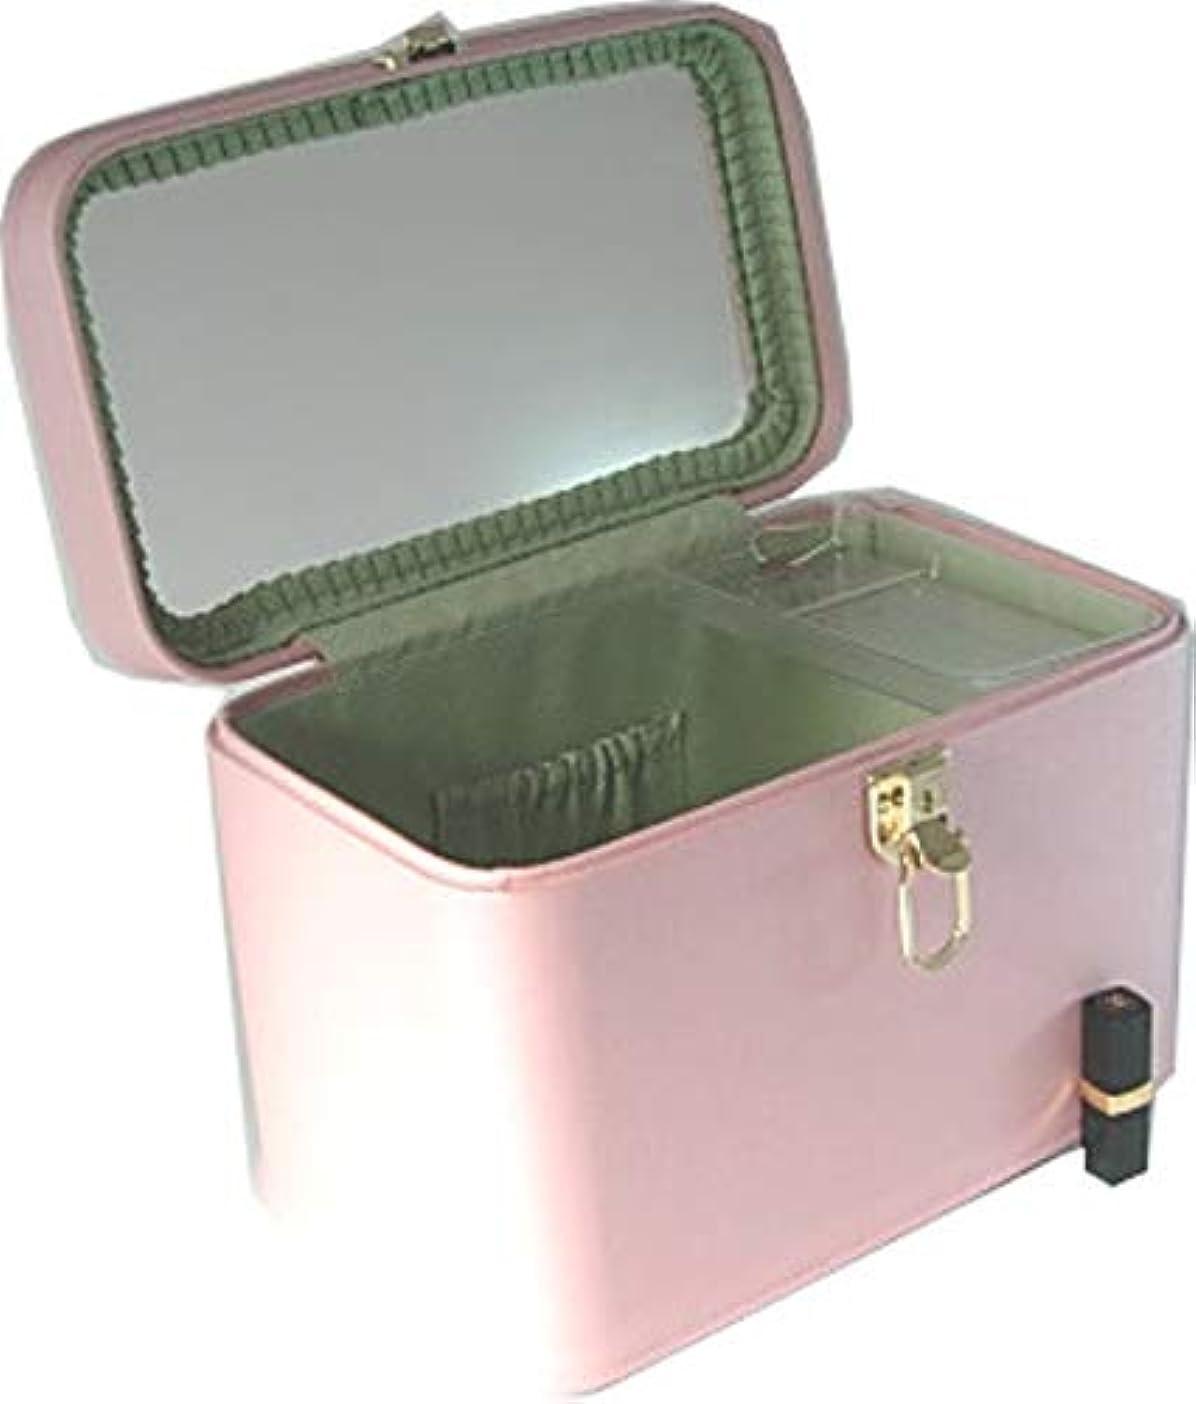 クローゼット物理的に衛星メイクボックス コスメボックス トリプルG2 33cmヨコ パールピンク 日本製 メイクボックス,コスメボックス,メイクアップボックス,トレンチケース,お化粧入れ,化粧雑貨,メーキャップボックス,化粧箱,かわいい,メイク...